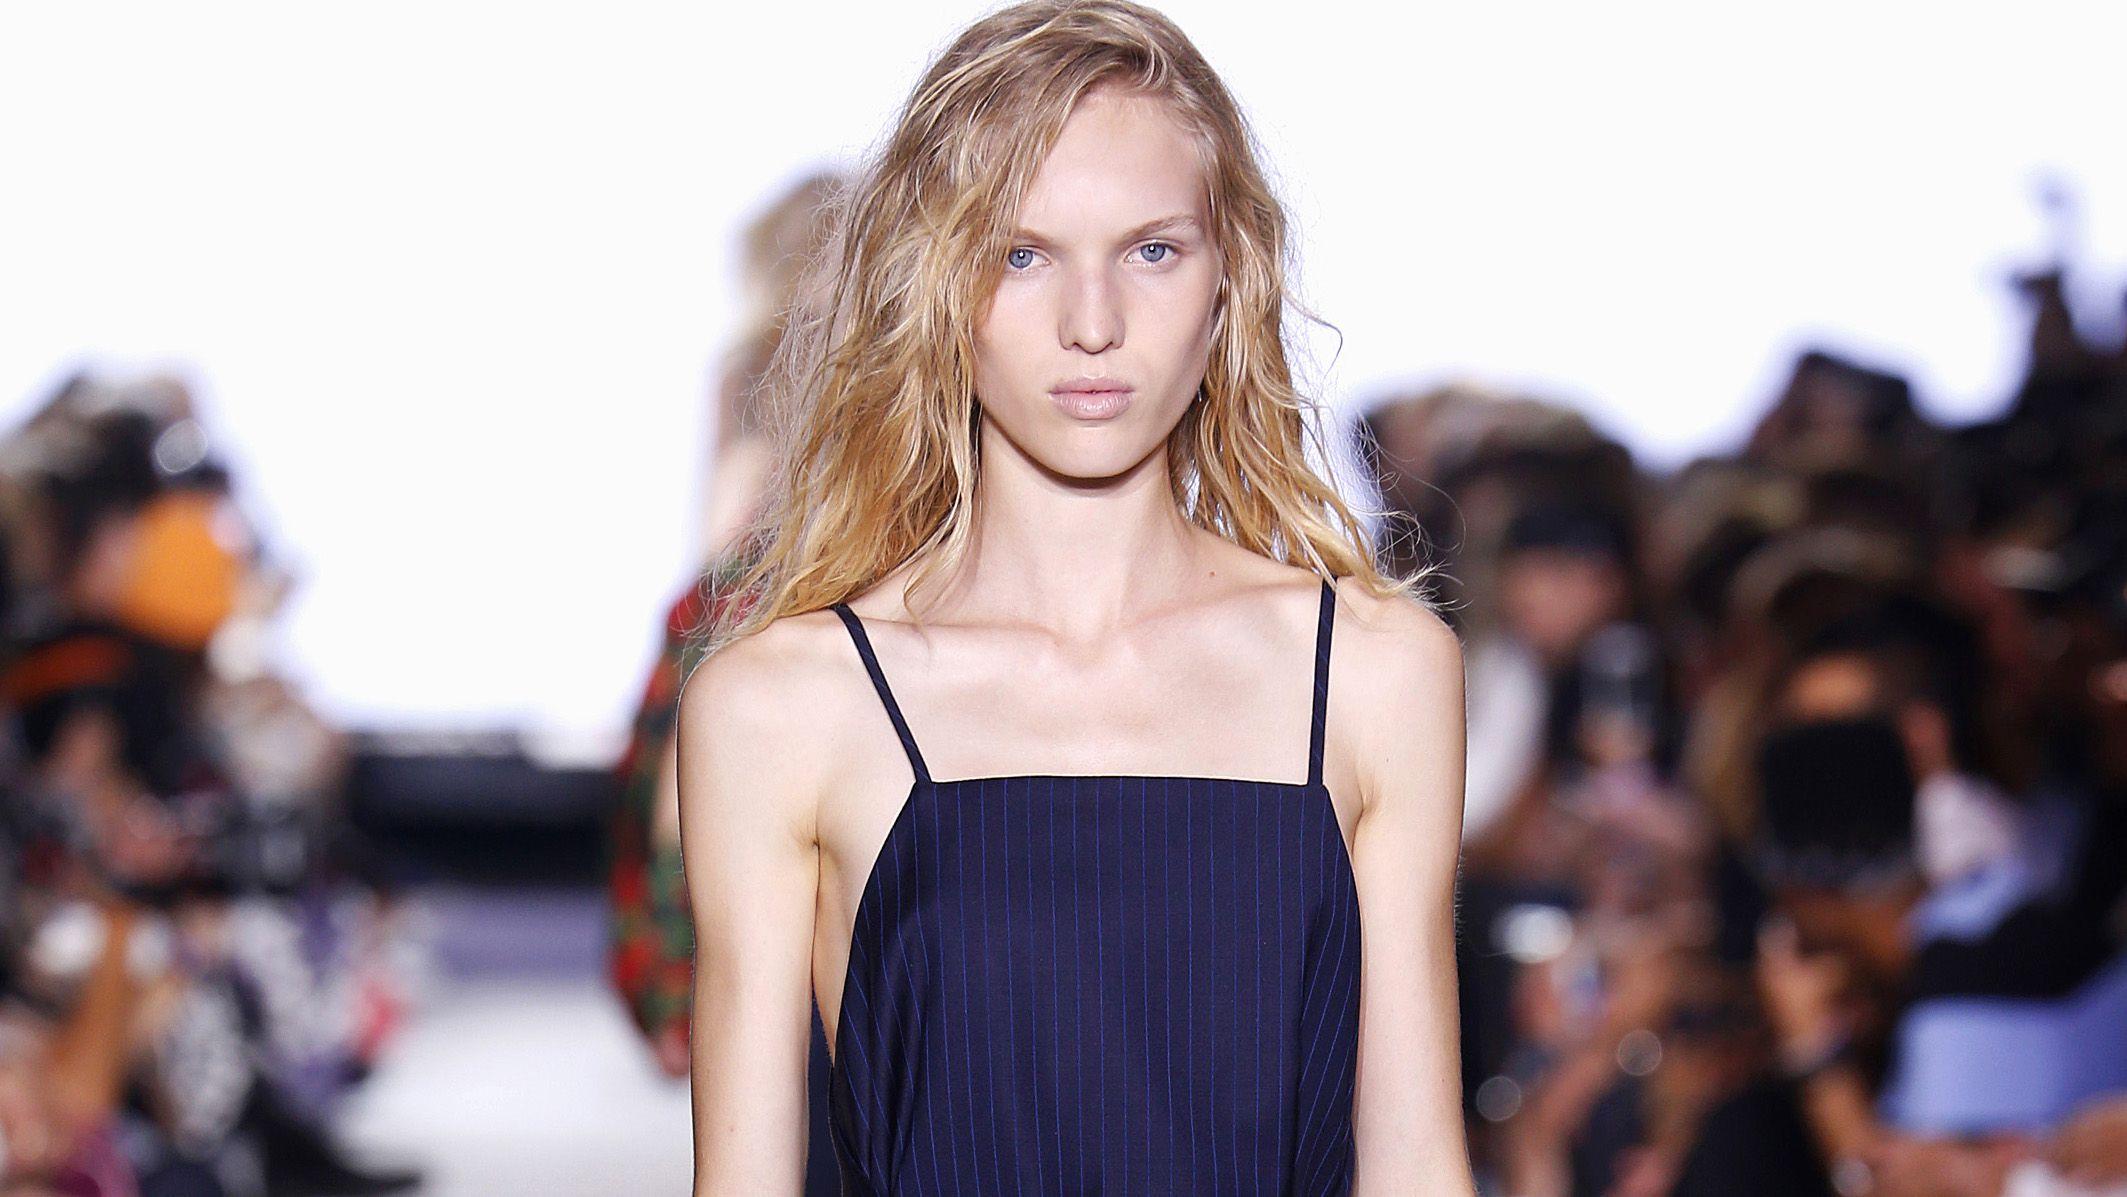 Australia's top model for 2017